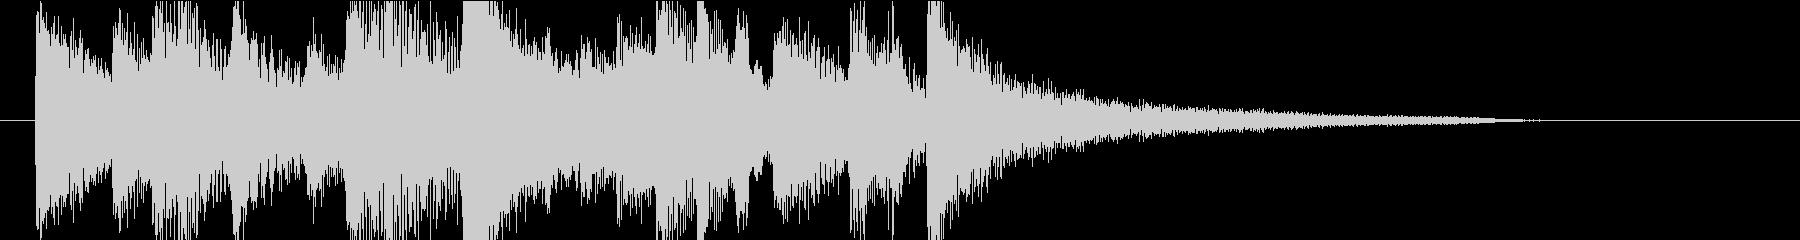 【ジングル】ピアノとギターのメロウな曲の未再生の波形